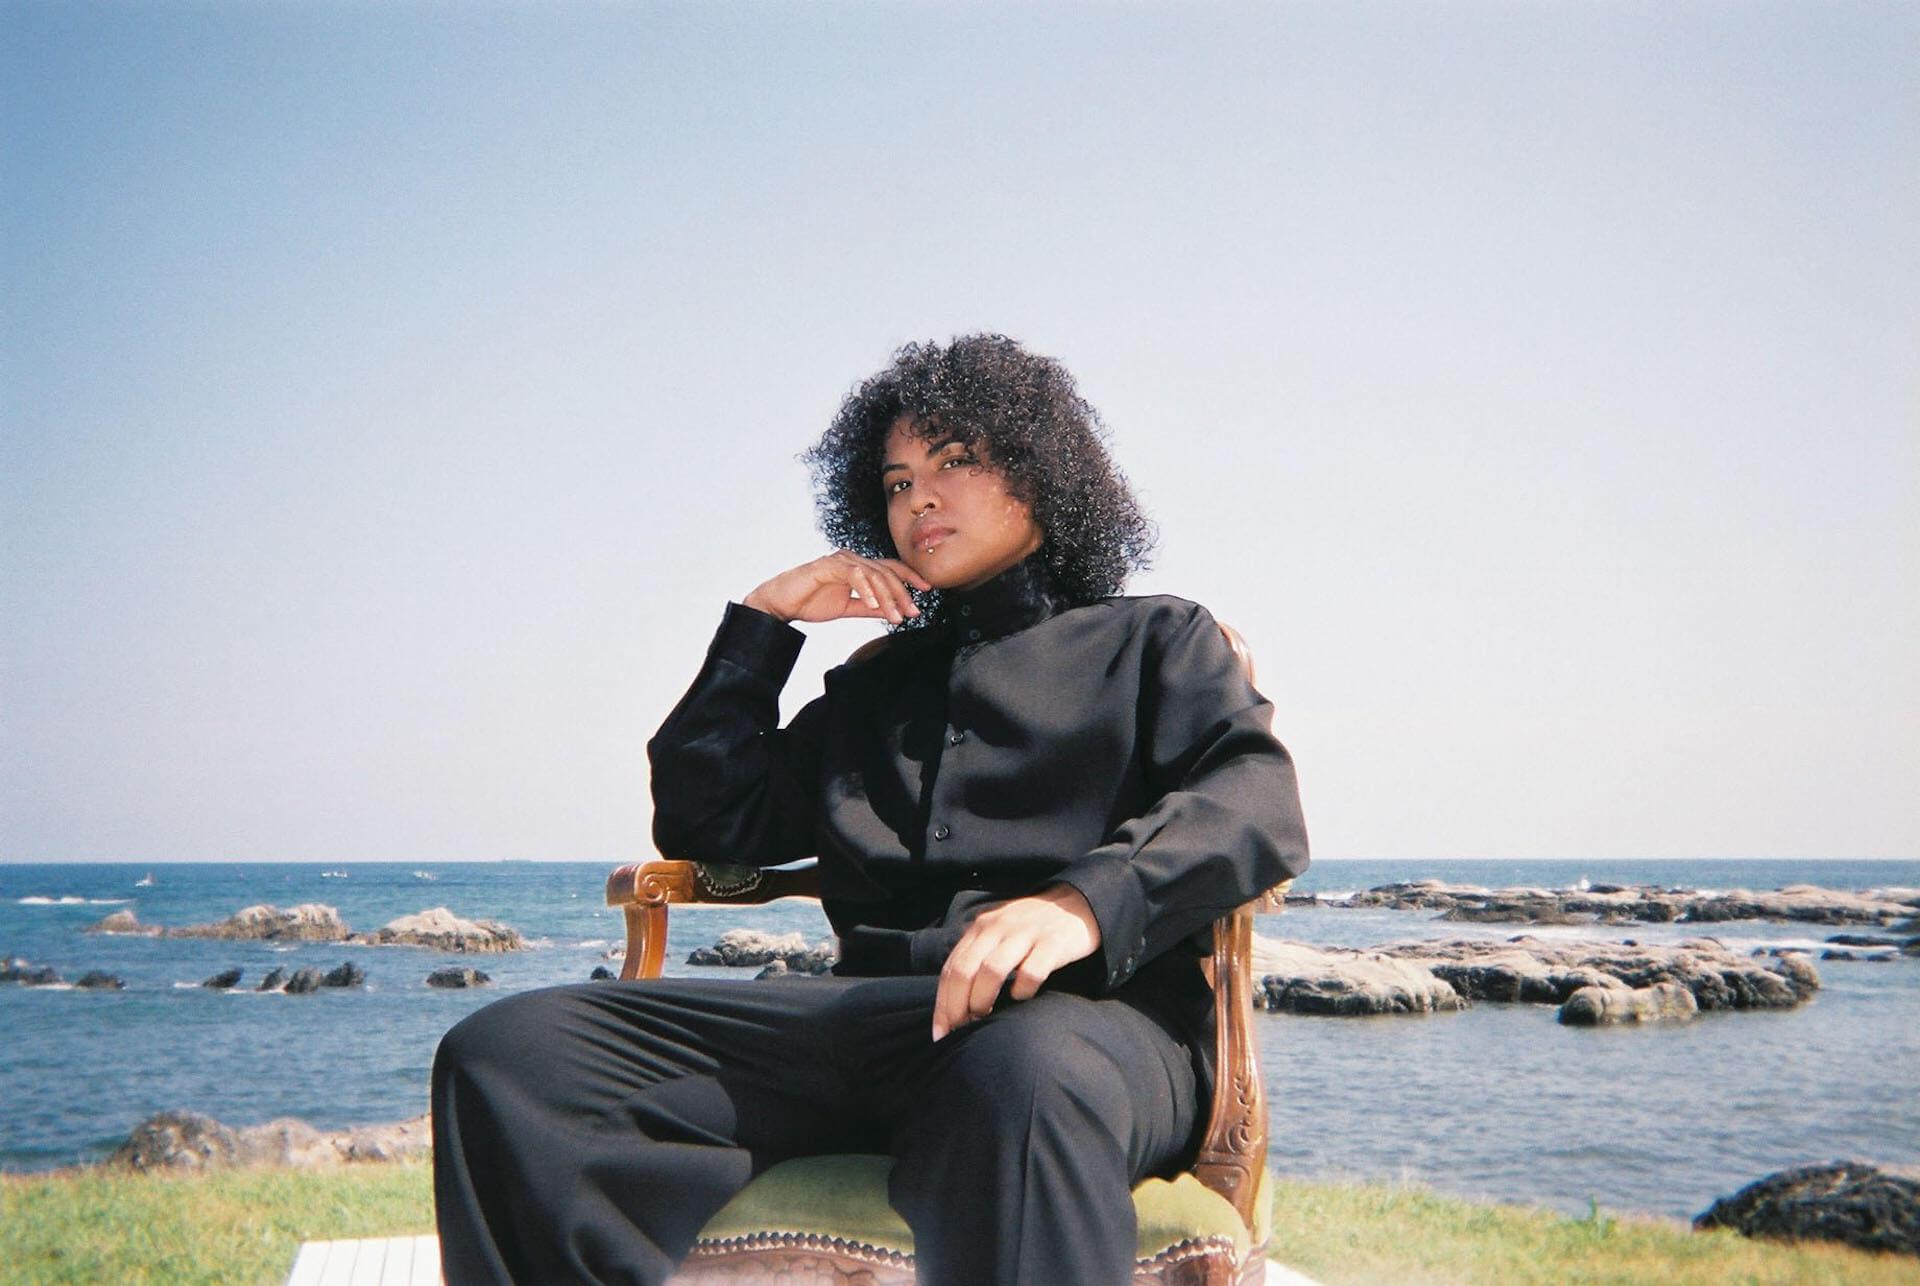 期待の新星ラッパーなみちえが自主制作盤『毎日来日』をデジタルリリース music200228_namichie_1